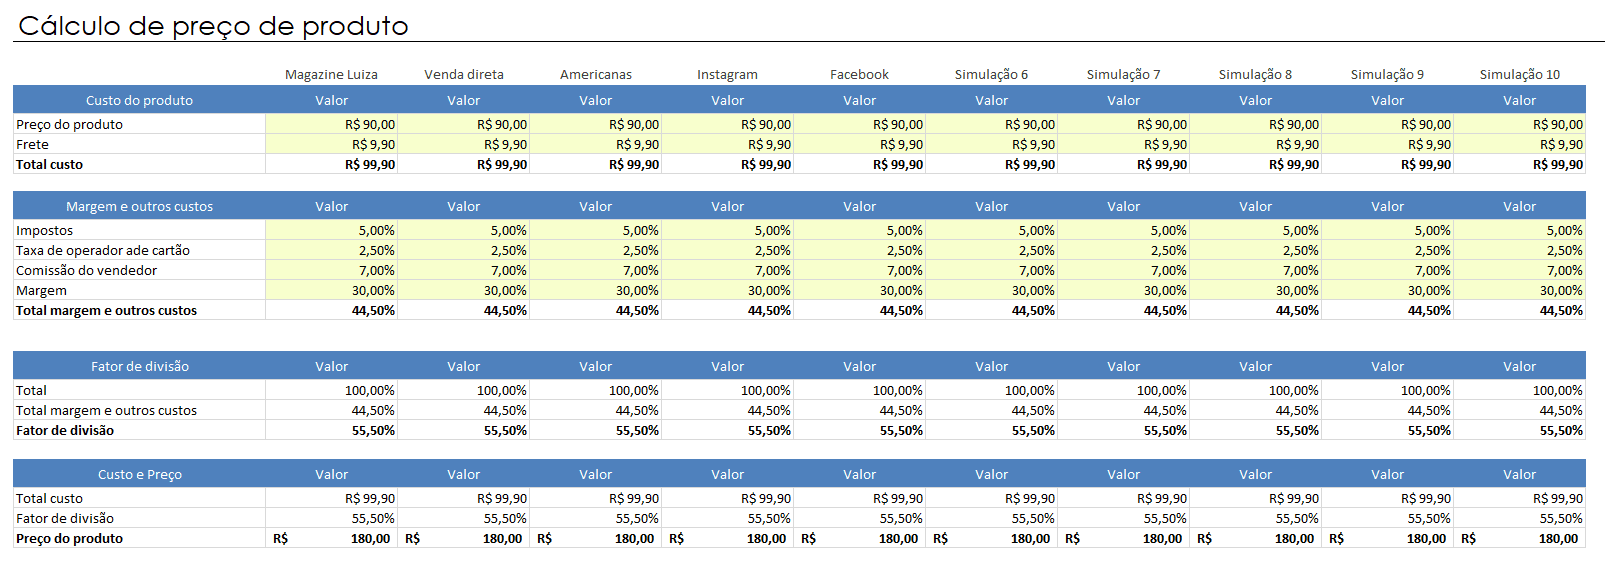 Cálculo de preço excel